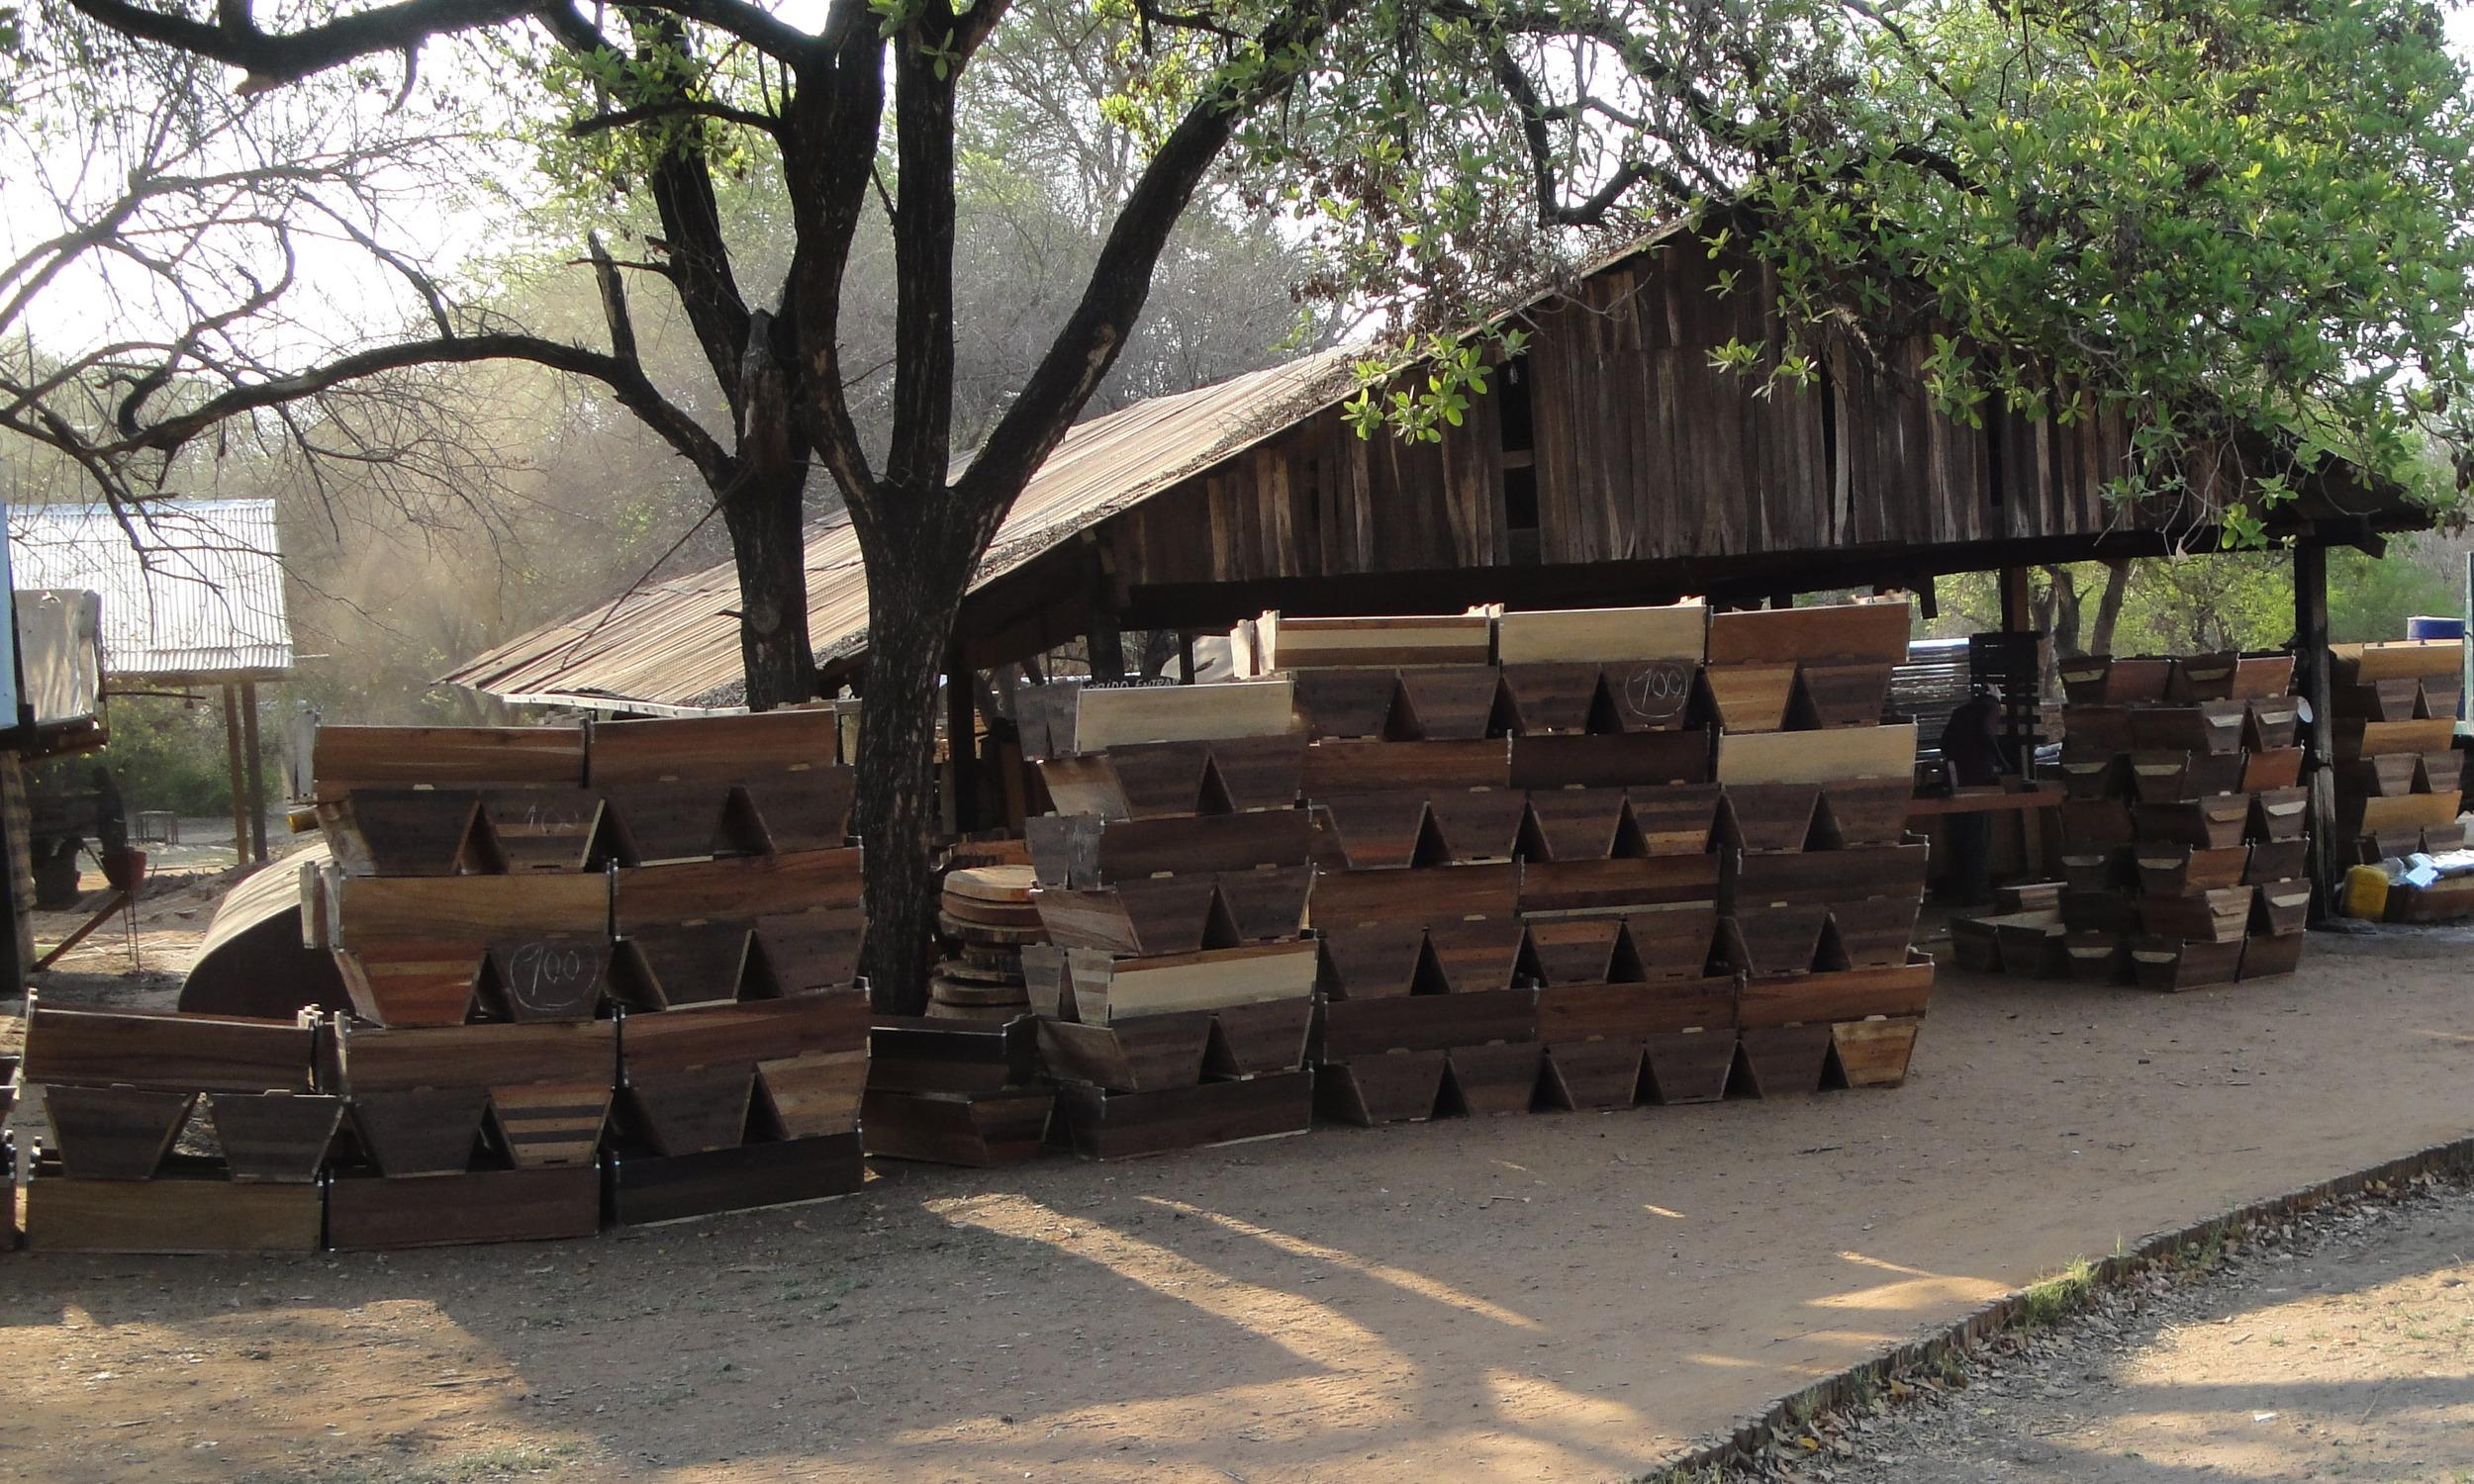 Colmeias à espera para entrega  -  Hives waiting for delivery